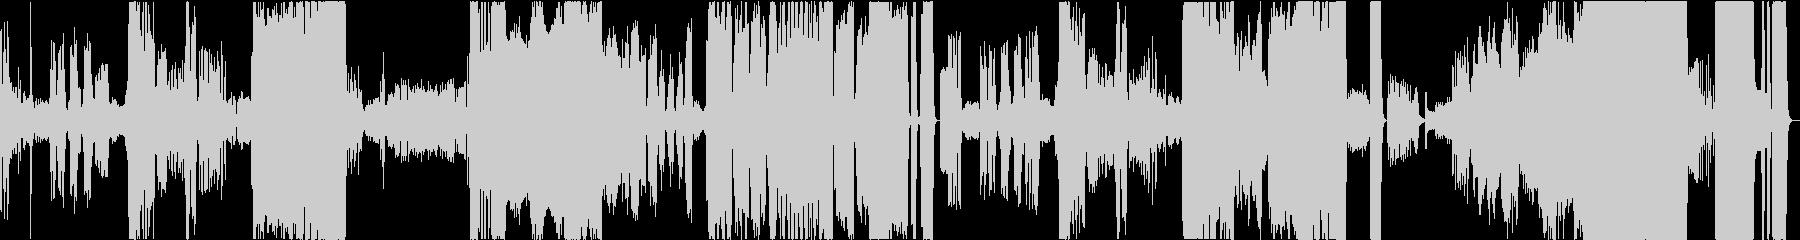 エドヴァルド・グリーグの曲のカバーの未再生の波形